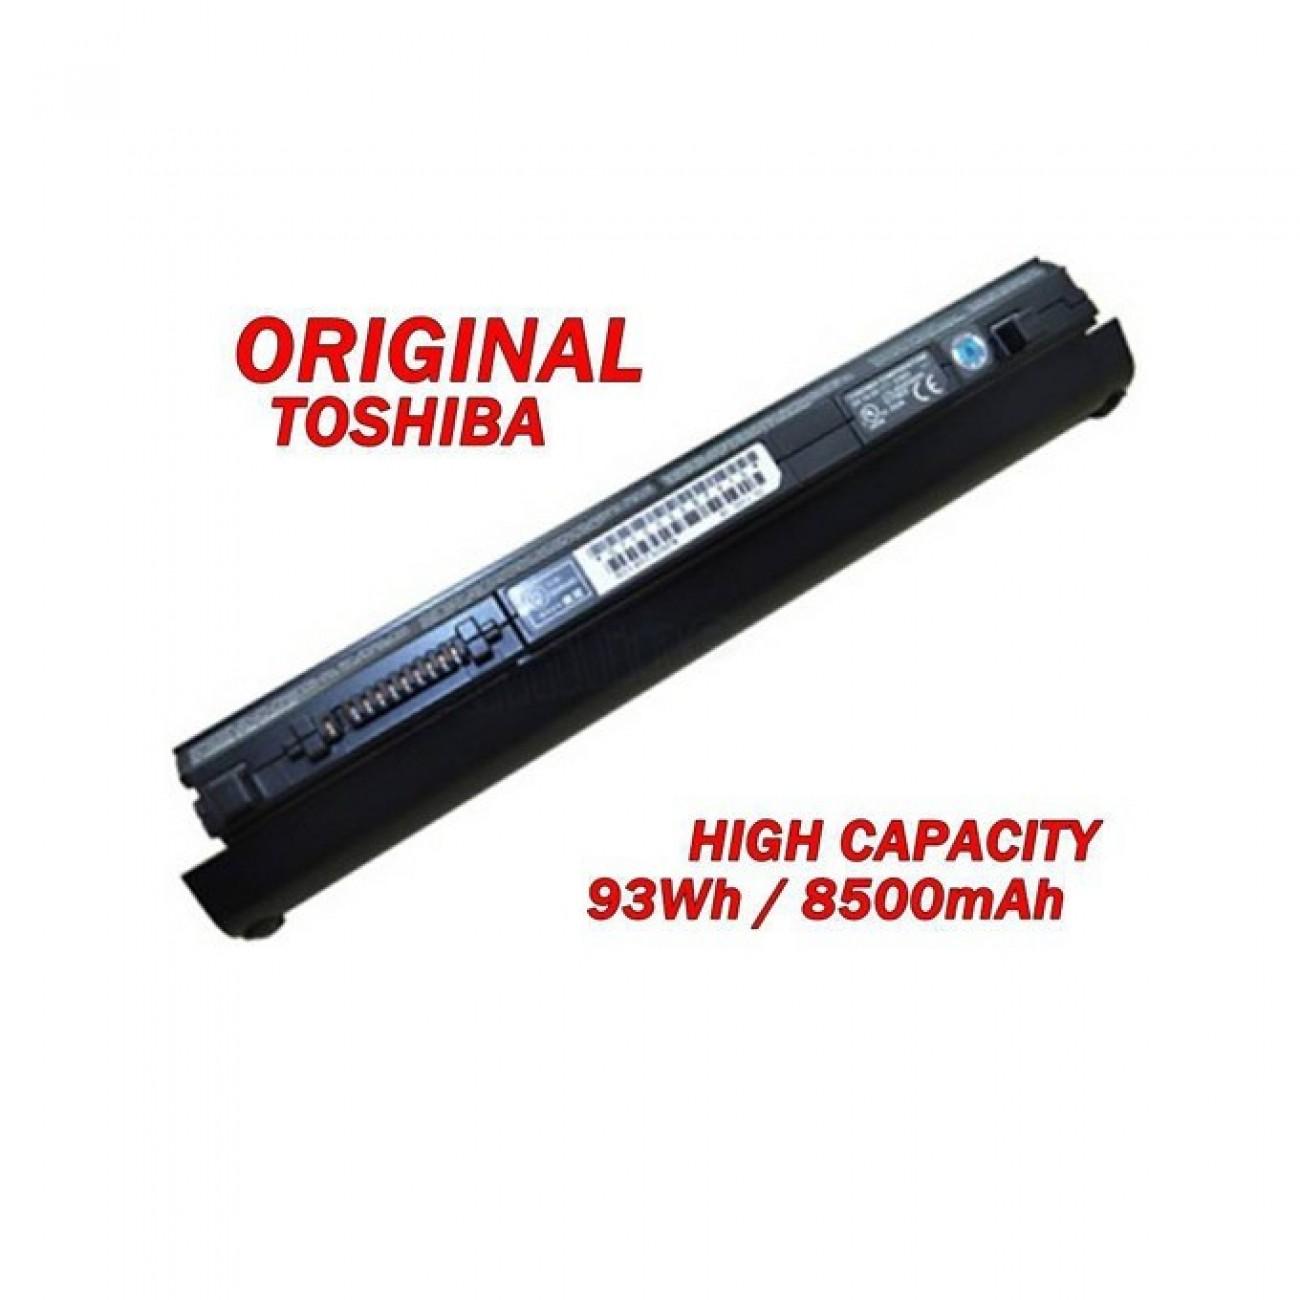 Батерия (оригинална) Toshiba съвместима с Portege R700 R830 R930 Tecra R700 R840 R940 Satellite R630 R800 R830 PA3930U-1BRS, 10.8V, 8500mAh, 9 клетъчна, Li-ion в Батерии за Лаптоп - Toshiba | Alleop